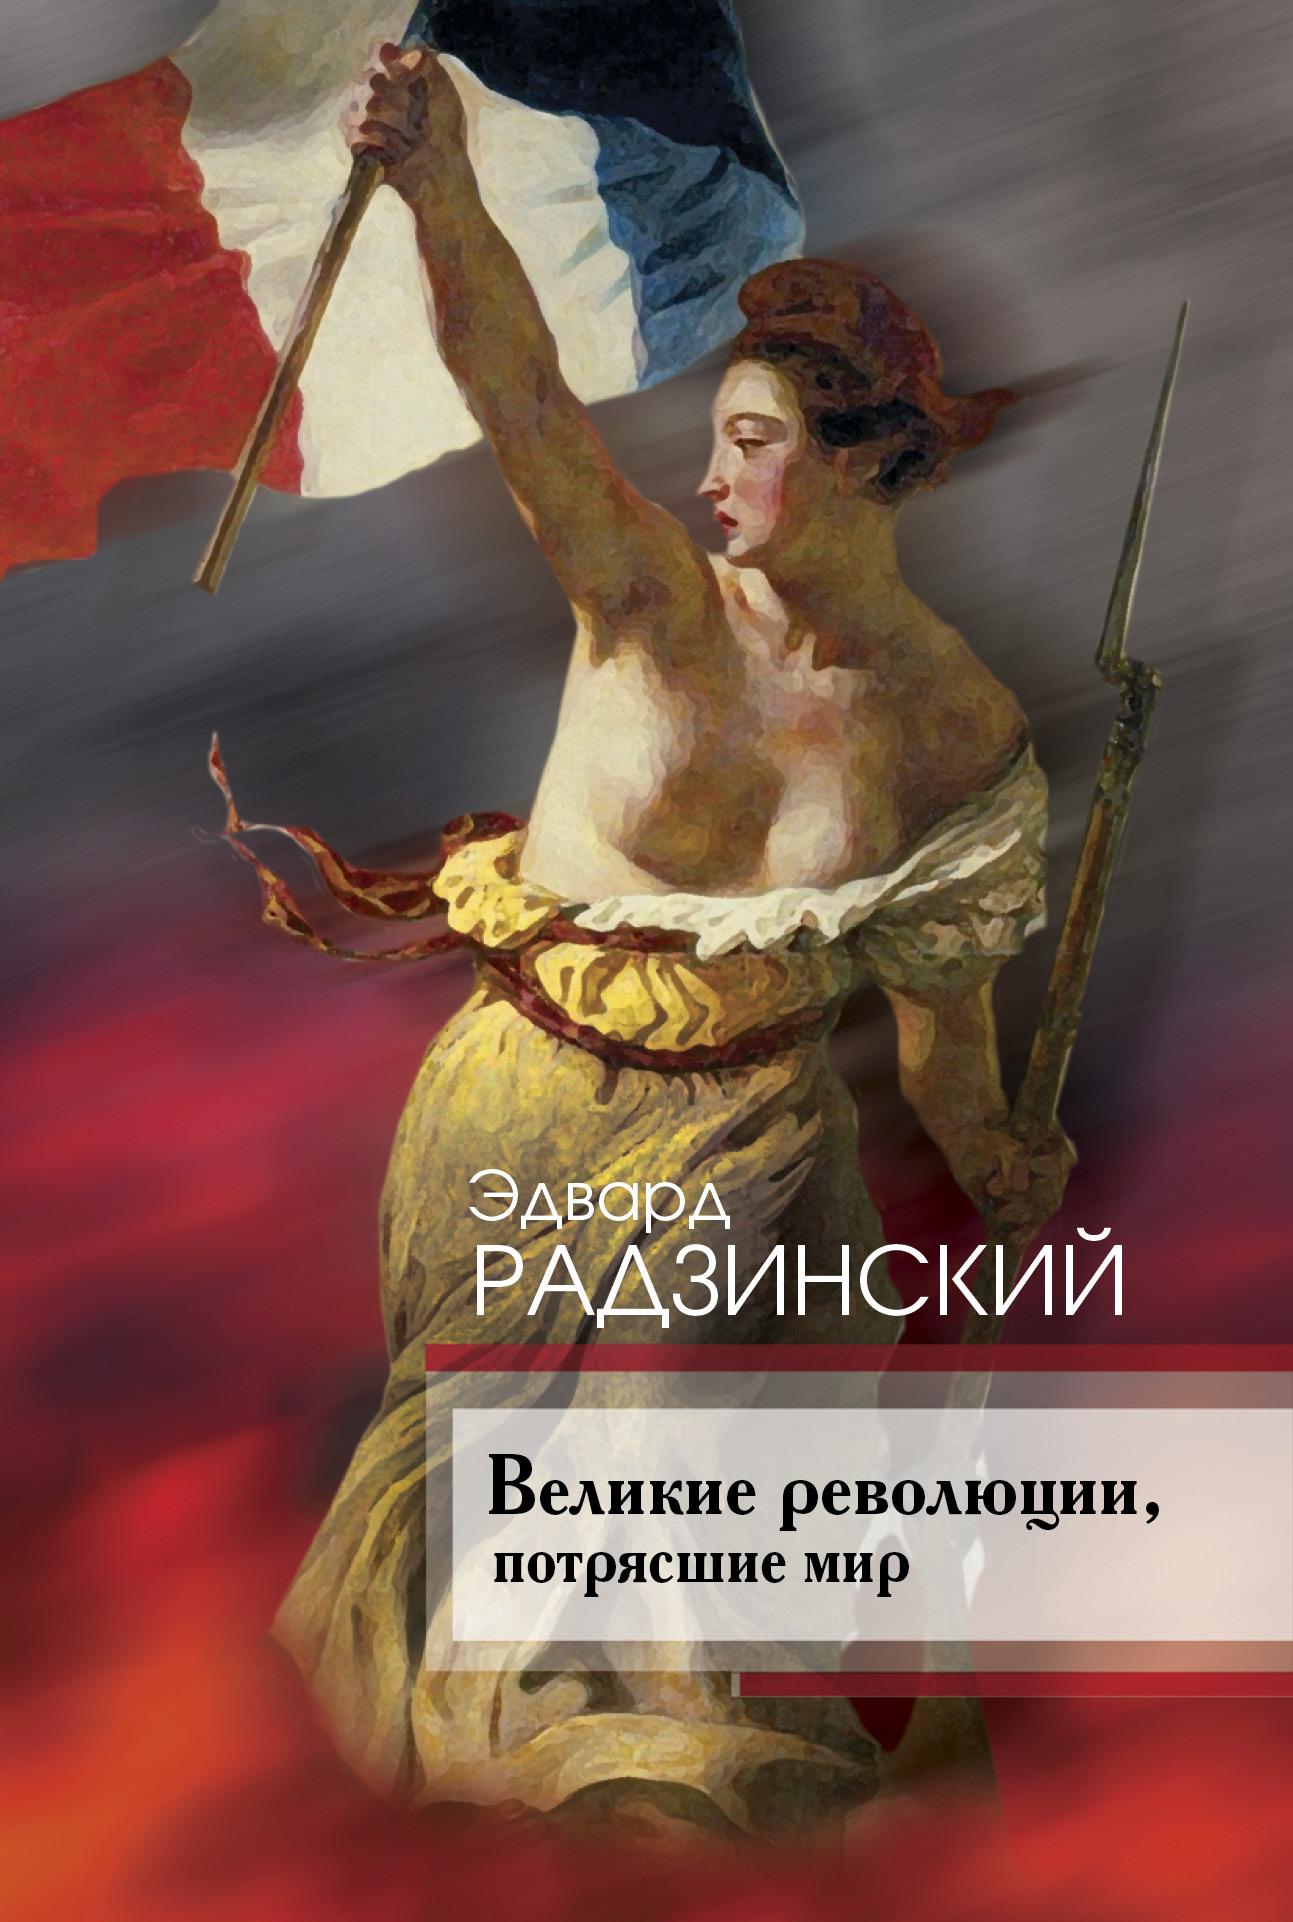 Великие революции, потрясшие мир